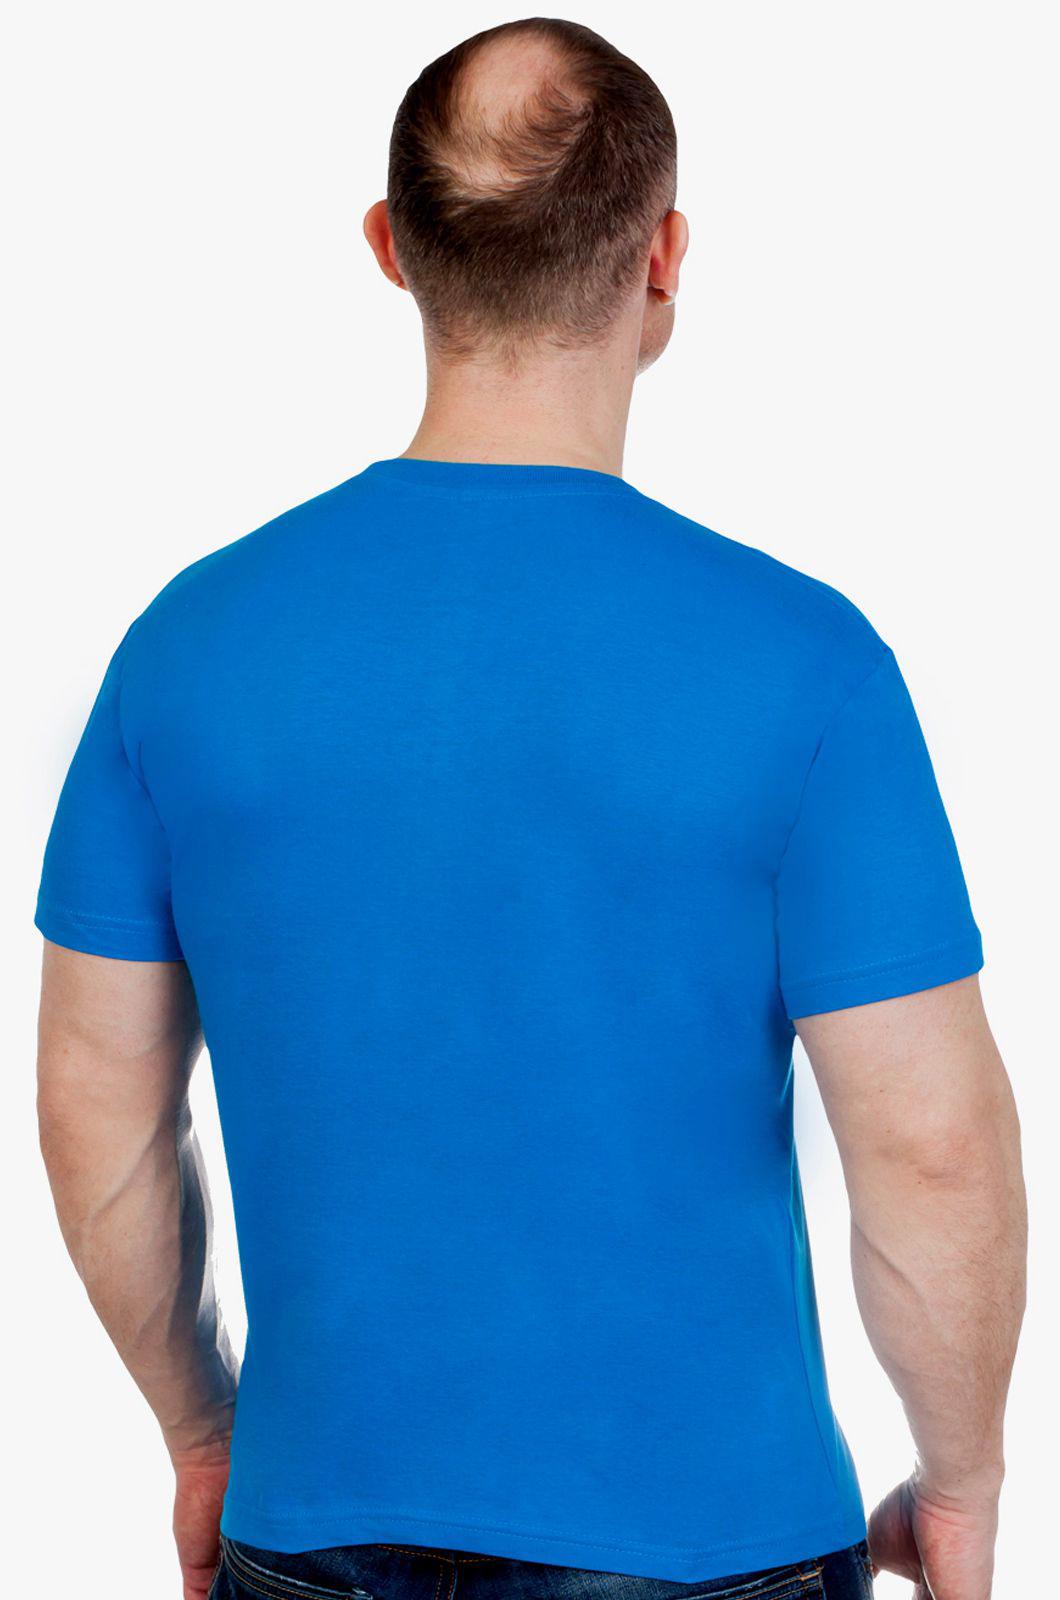 Крутая мужская футболка РОССИЯ - купить онлайн